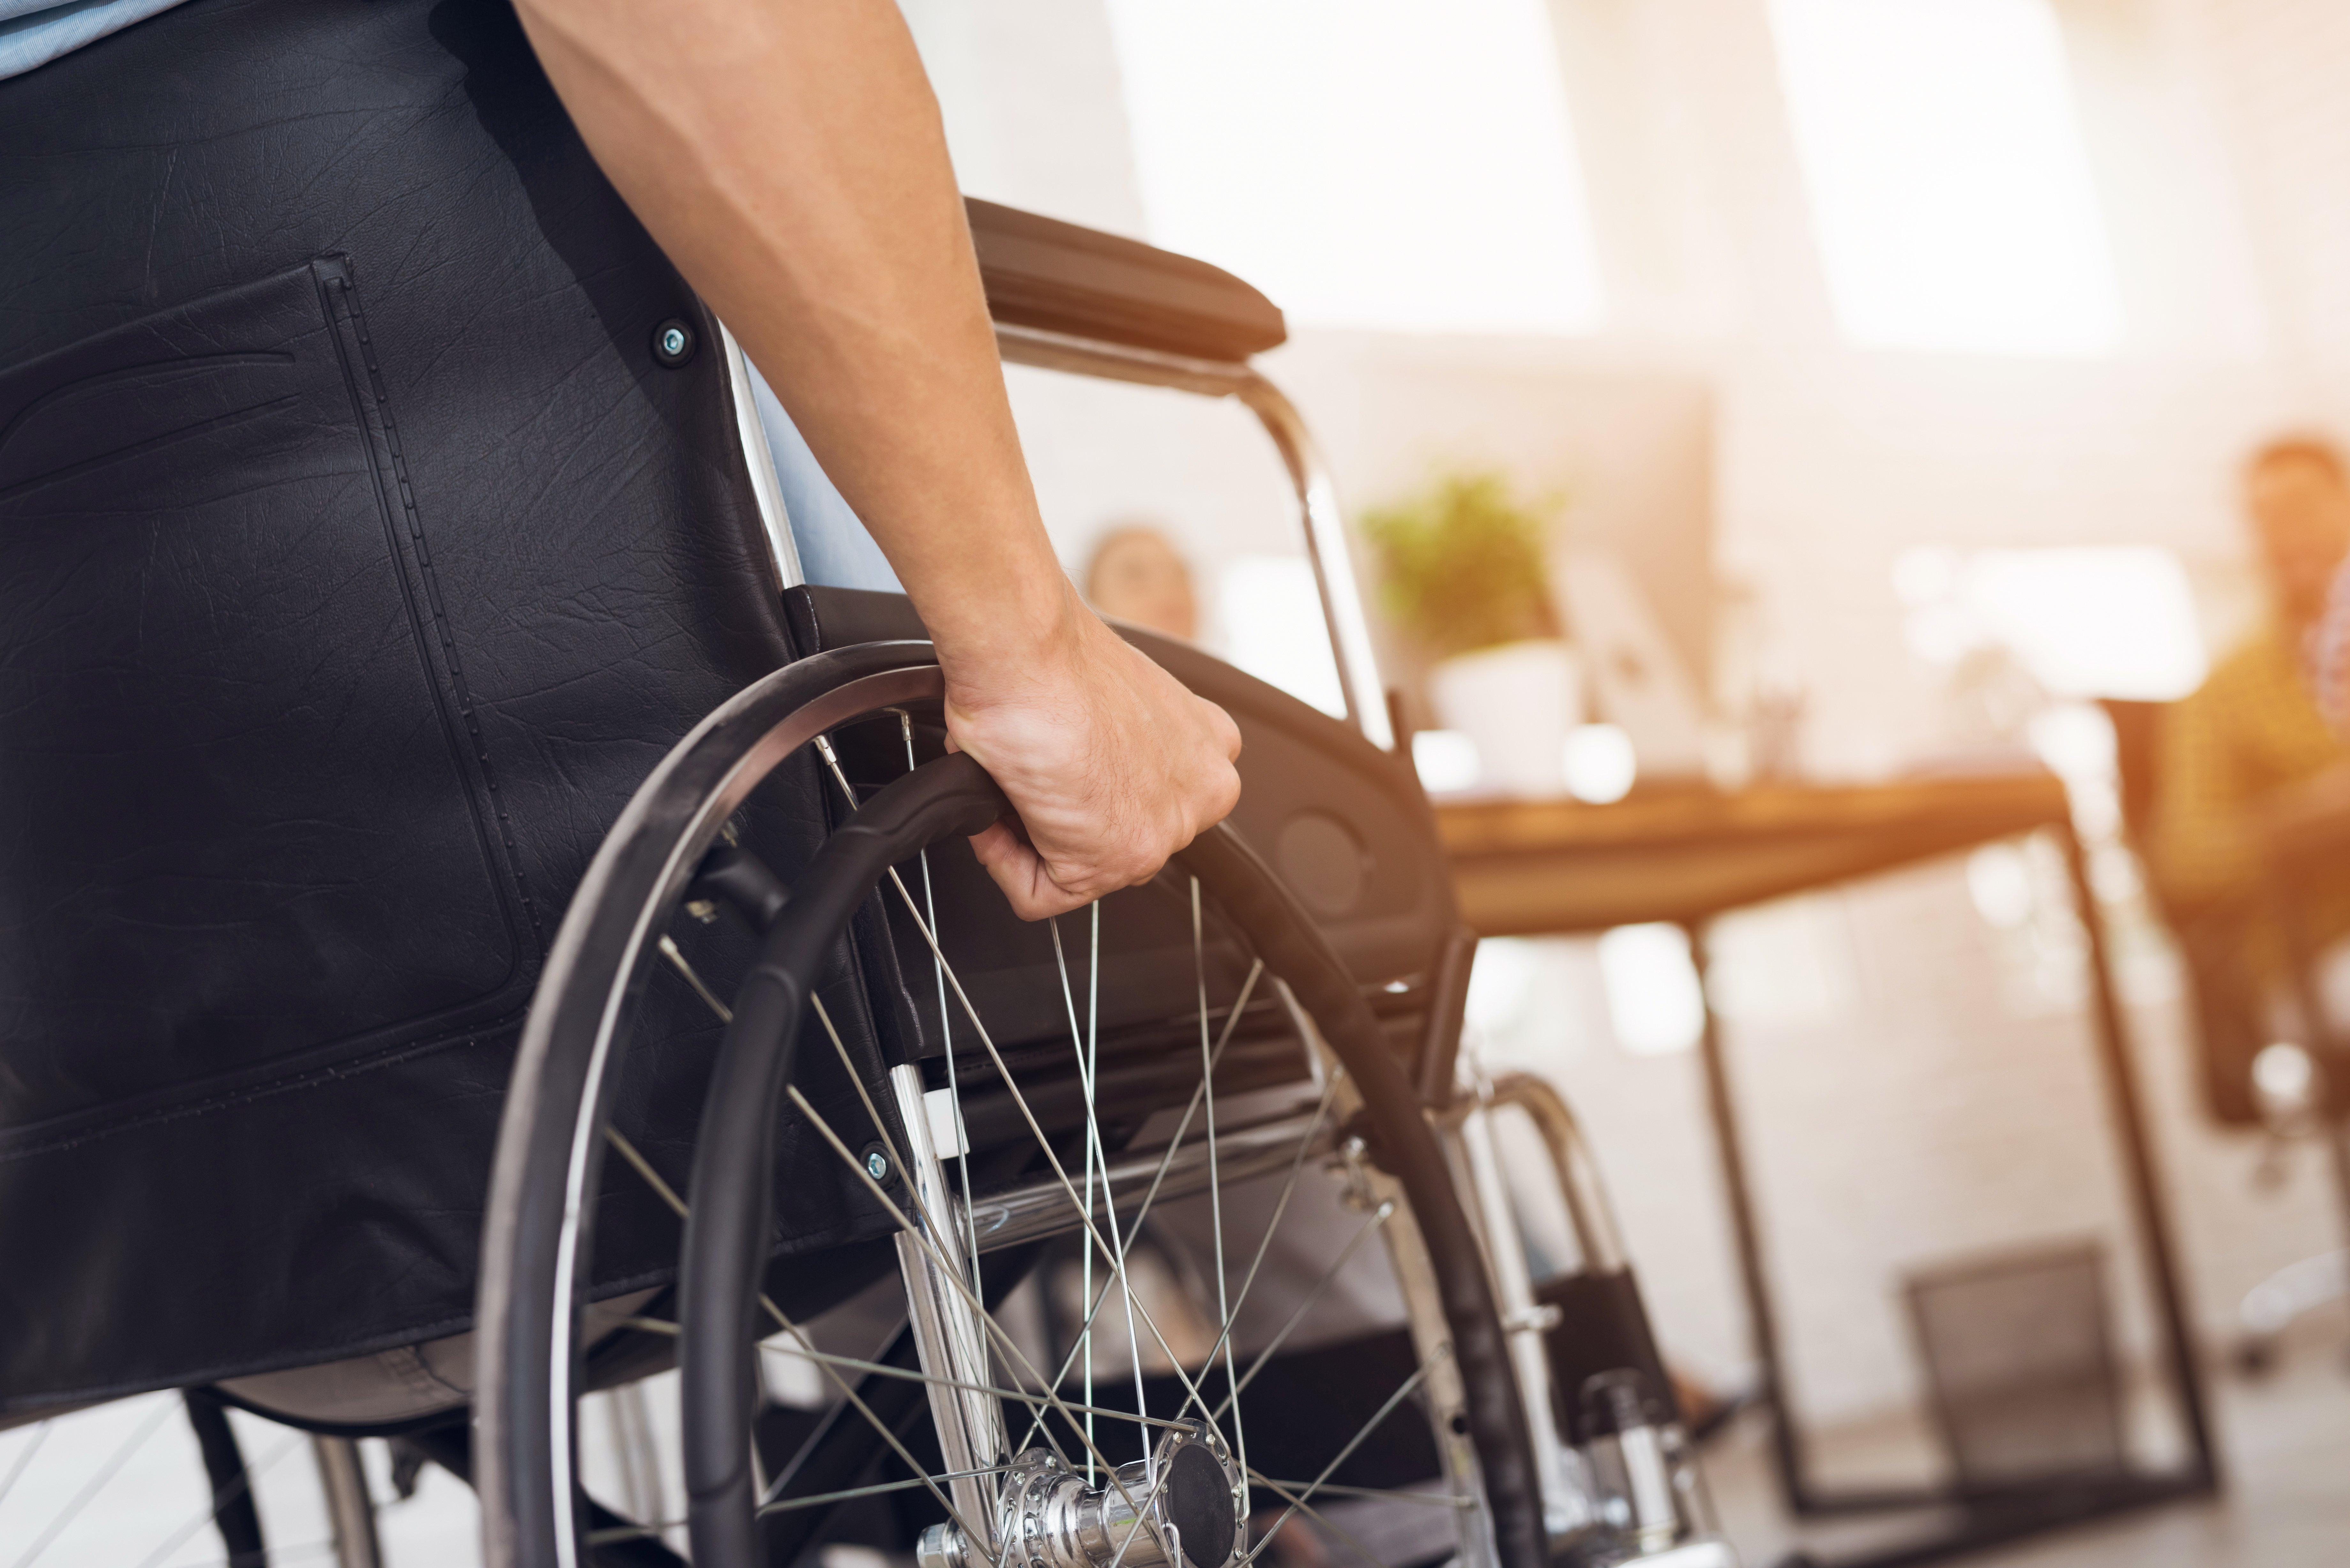 Persona en una silla de ruedas. Fuente: Shutterstock